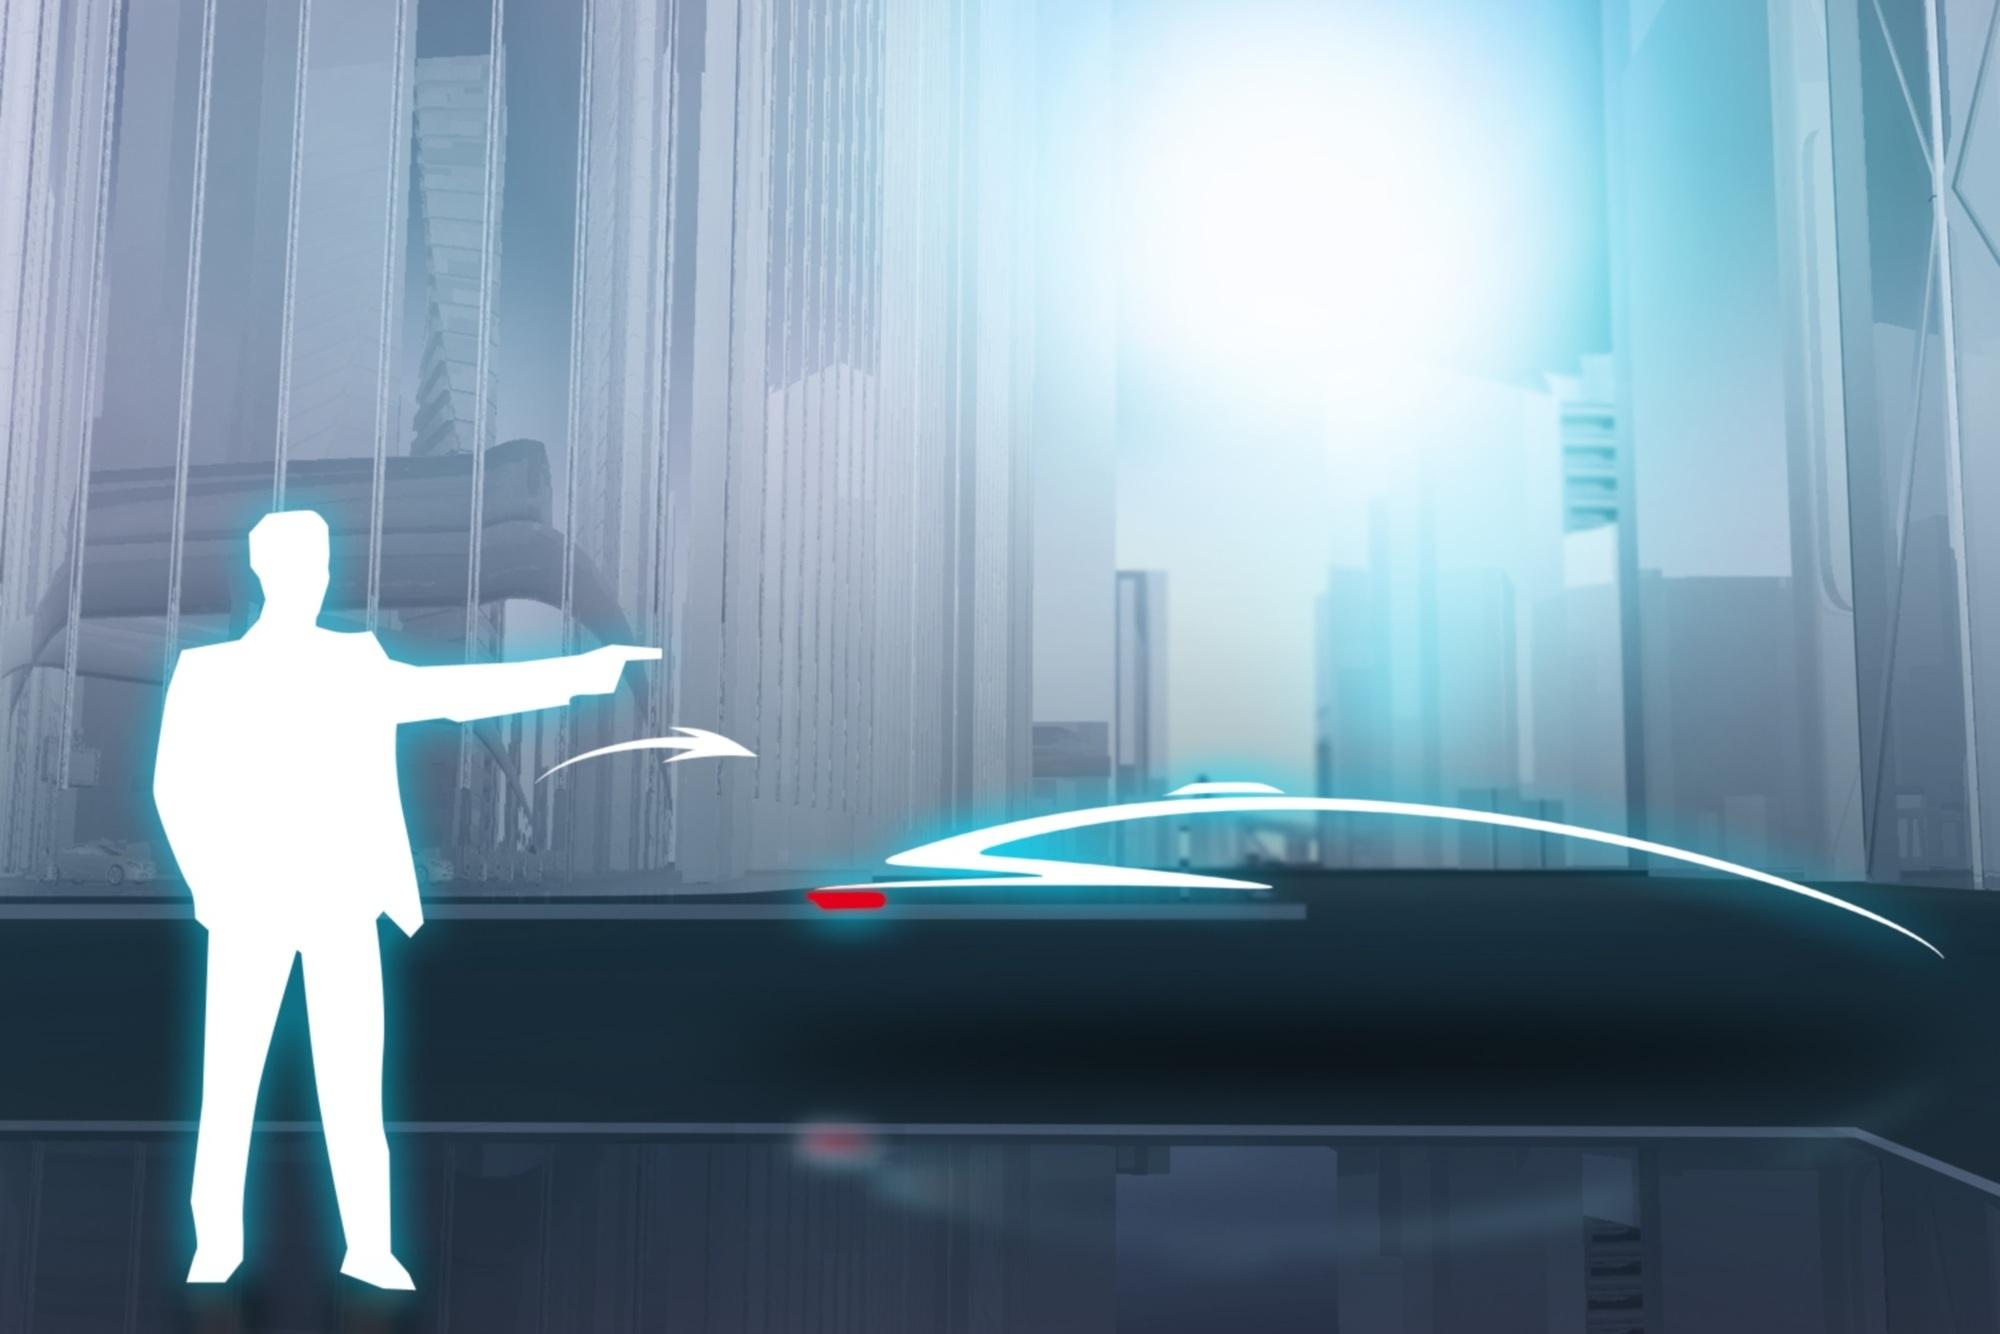 Mercedes: Zukunft des autonomen Fahrens - Zwischen Vision und Bedürfnis